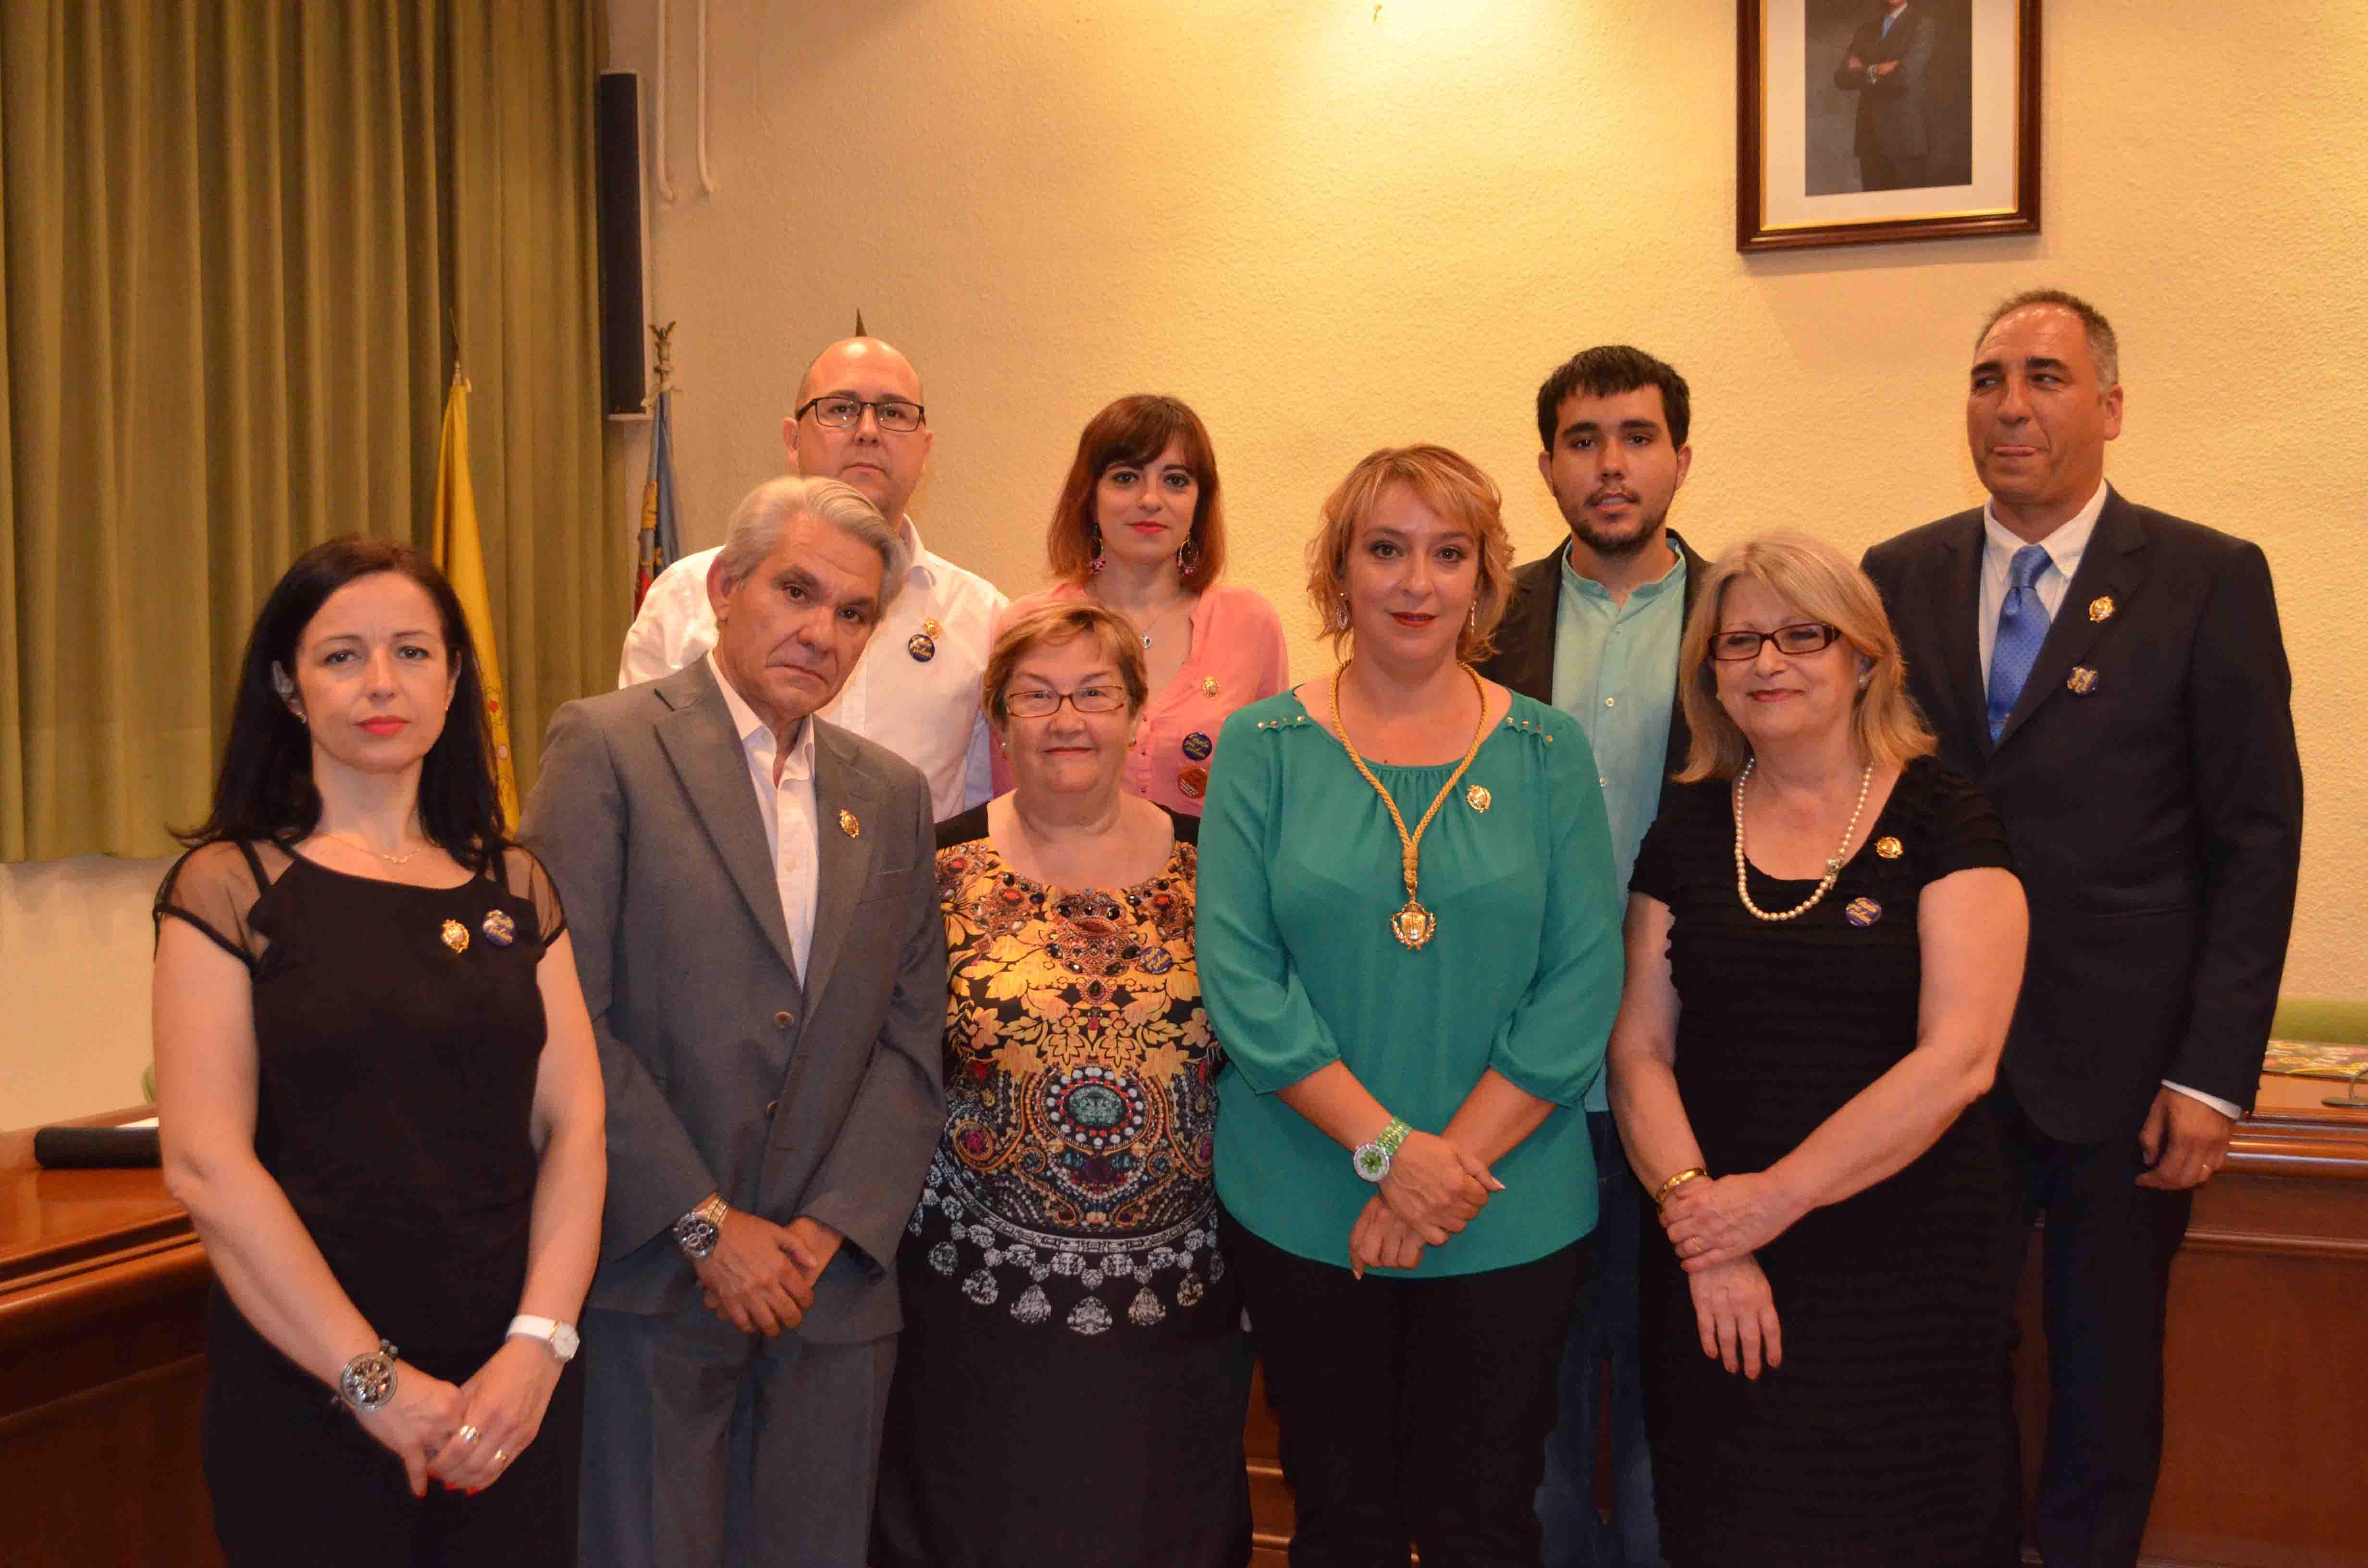 Eva Sanz conforma el nuevo gobierno de Benetússer formado por cuatro grandes áreas